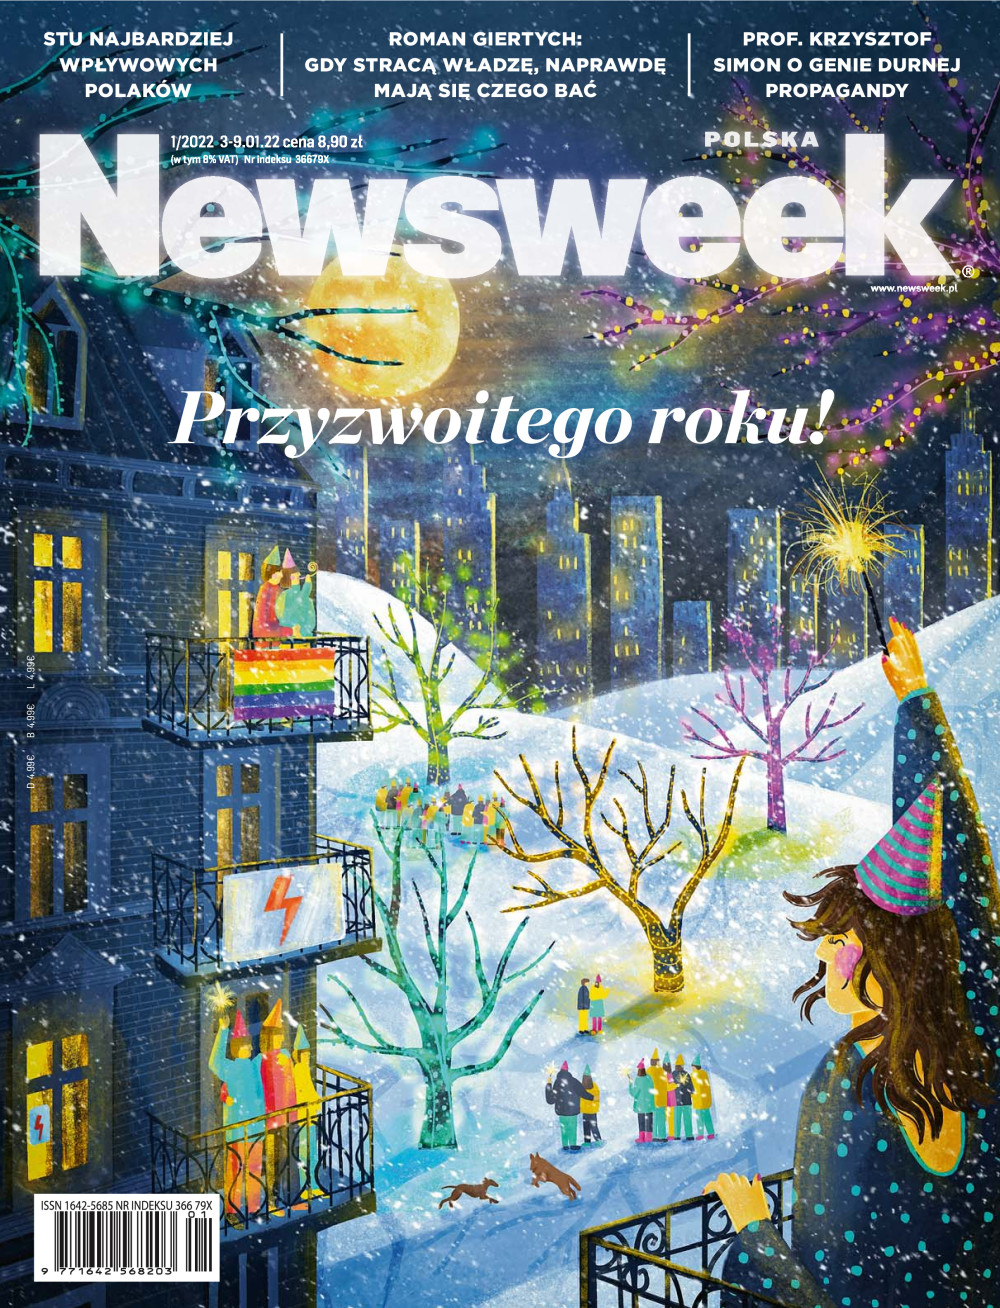 Newsweek Polska,trendy,e-prasa,świat,specjalny,numer,tygodnik,polityka,biznes,biznesowe,dzienniki,e-prasa,inny świat,kultura,magazyn,newsweek,polsce,polski,prasa,tygodnik,tygodnik polityka,wydanie,świat nauki